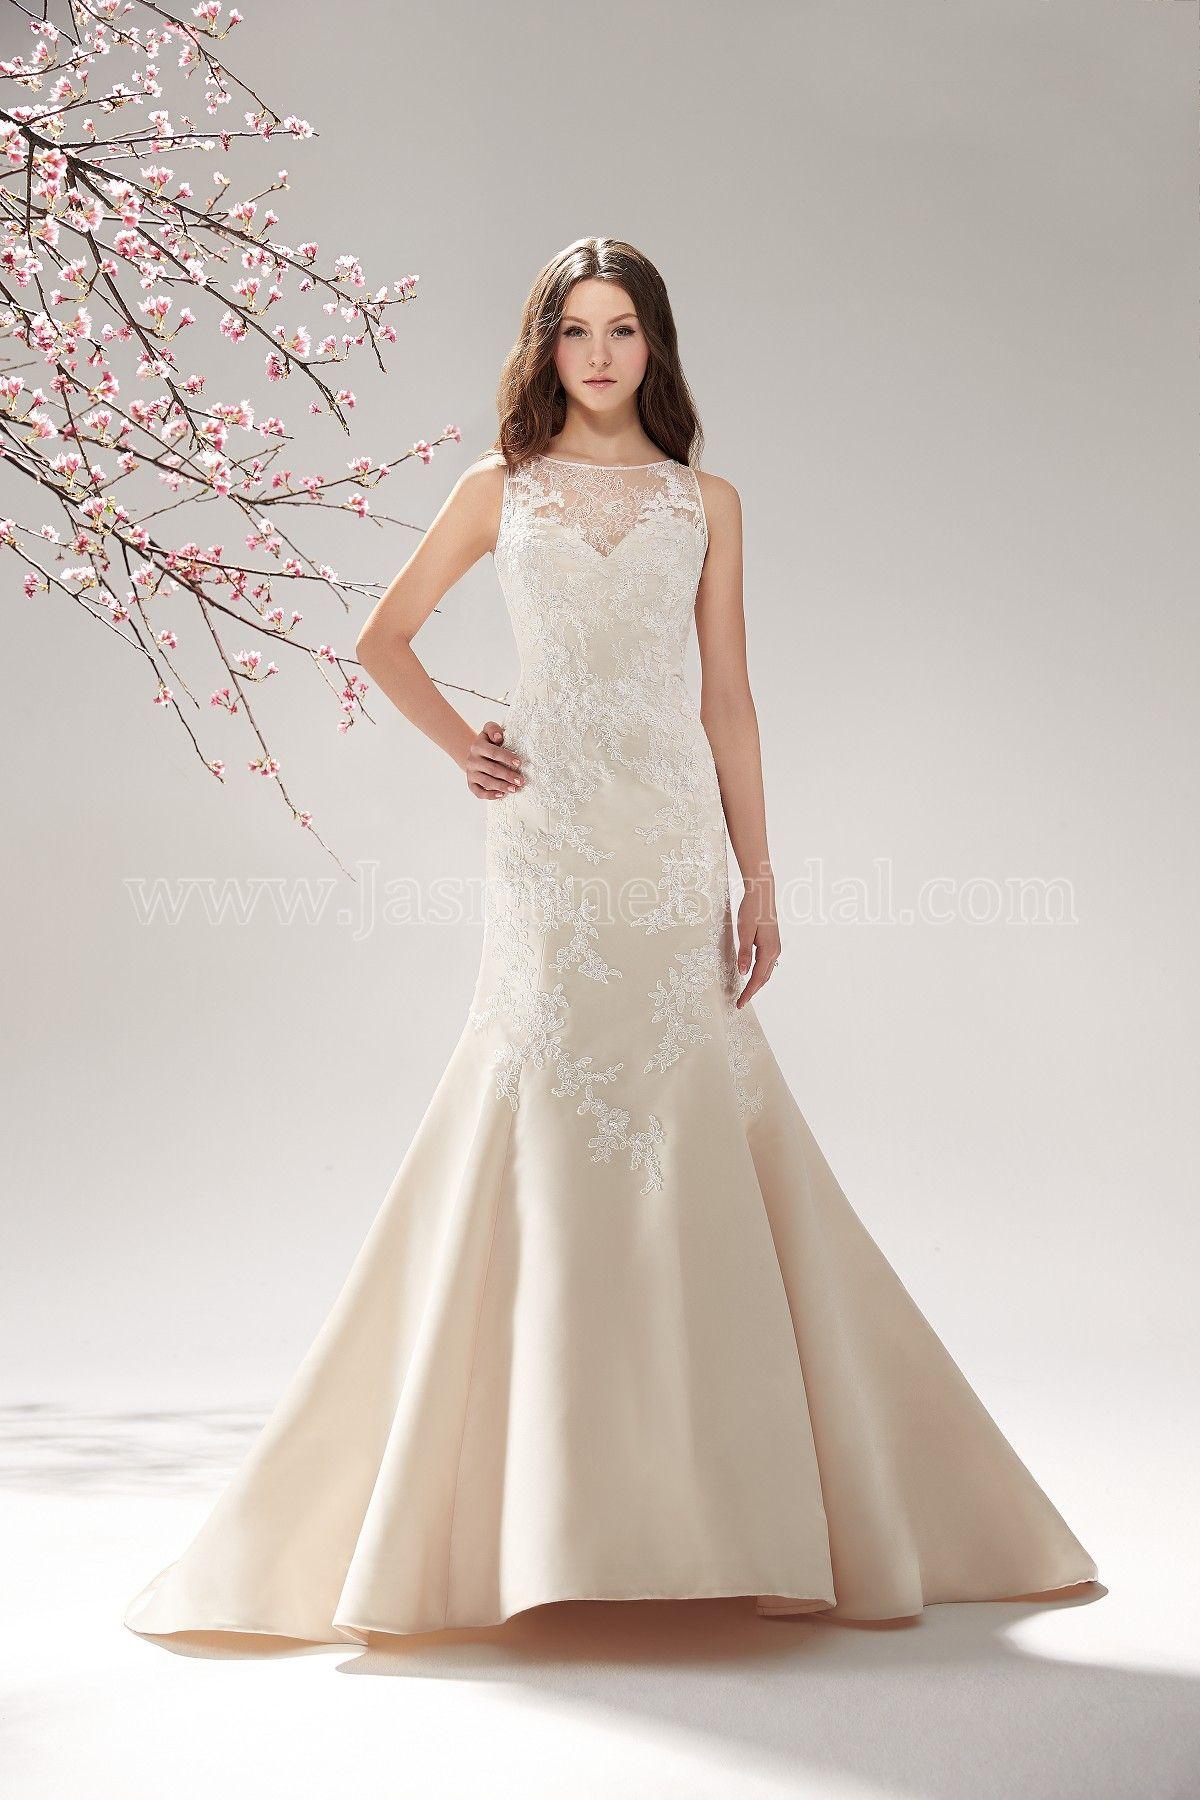 Jasmine bridal january pinterest jasmine bridal jasmine